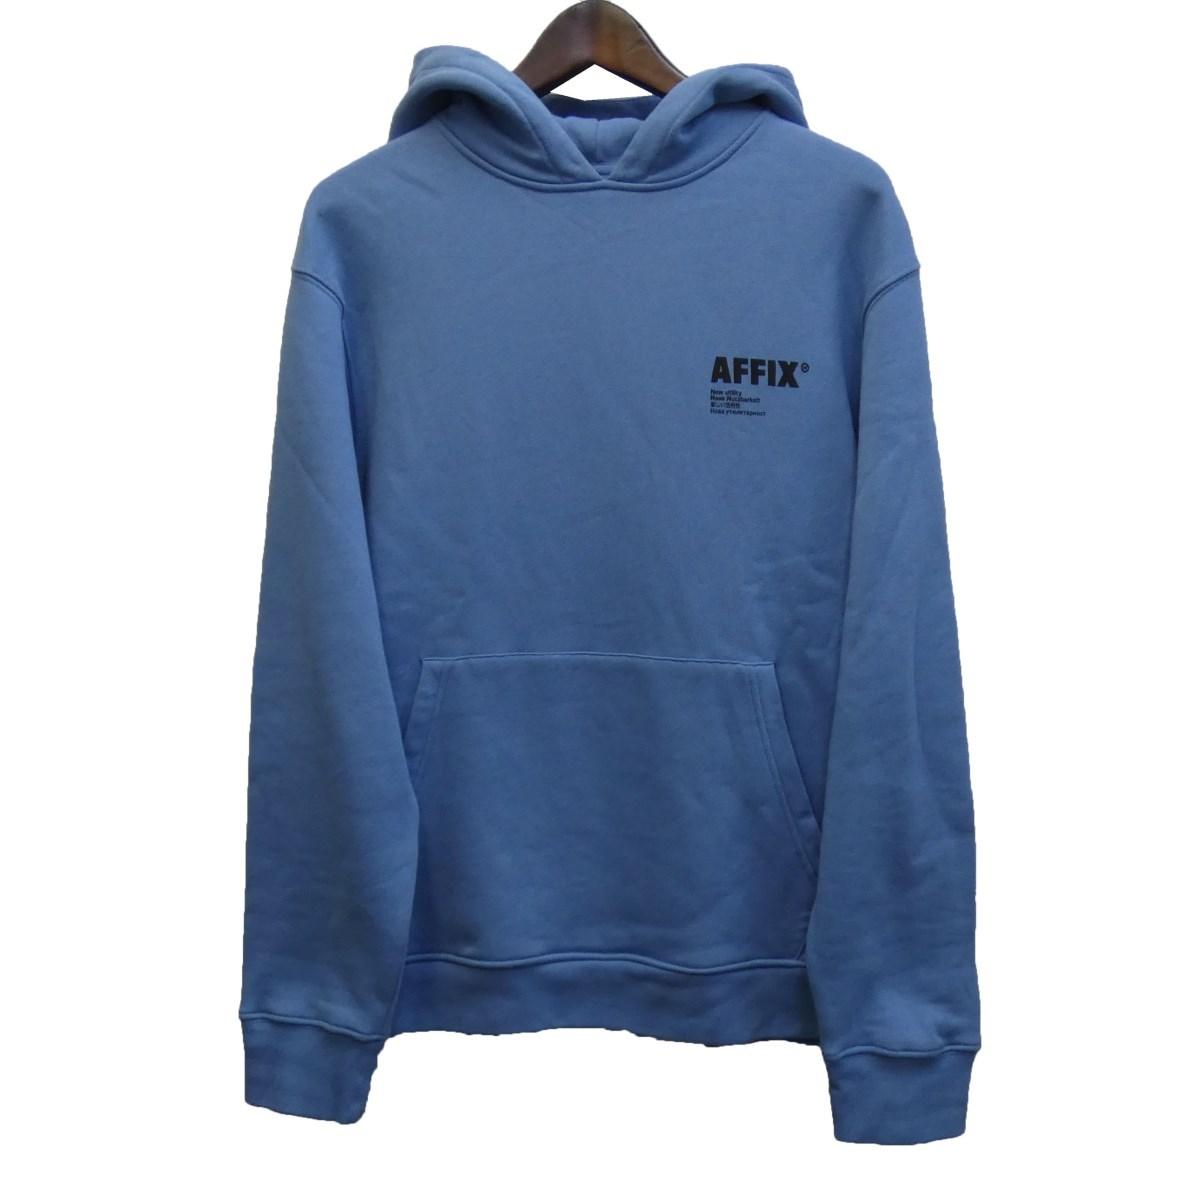 【中古】AFFIX ロゴプリントプルオーバーパーカー ブルー サイズ:M 【190220】(アフィックス)